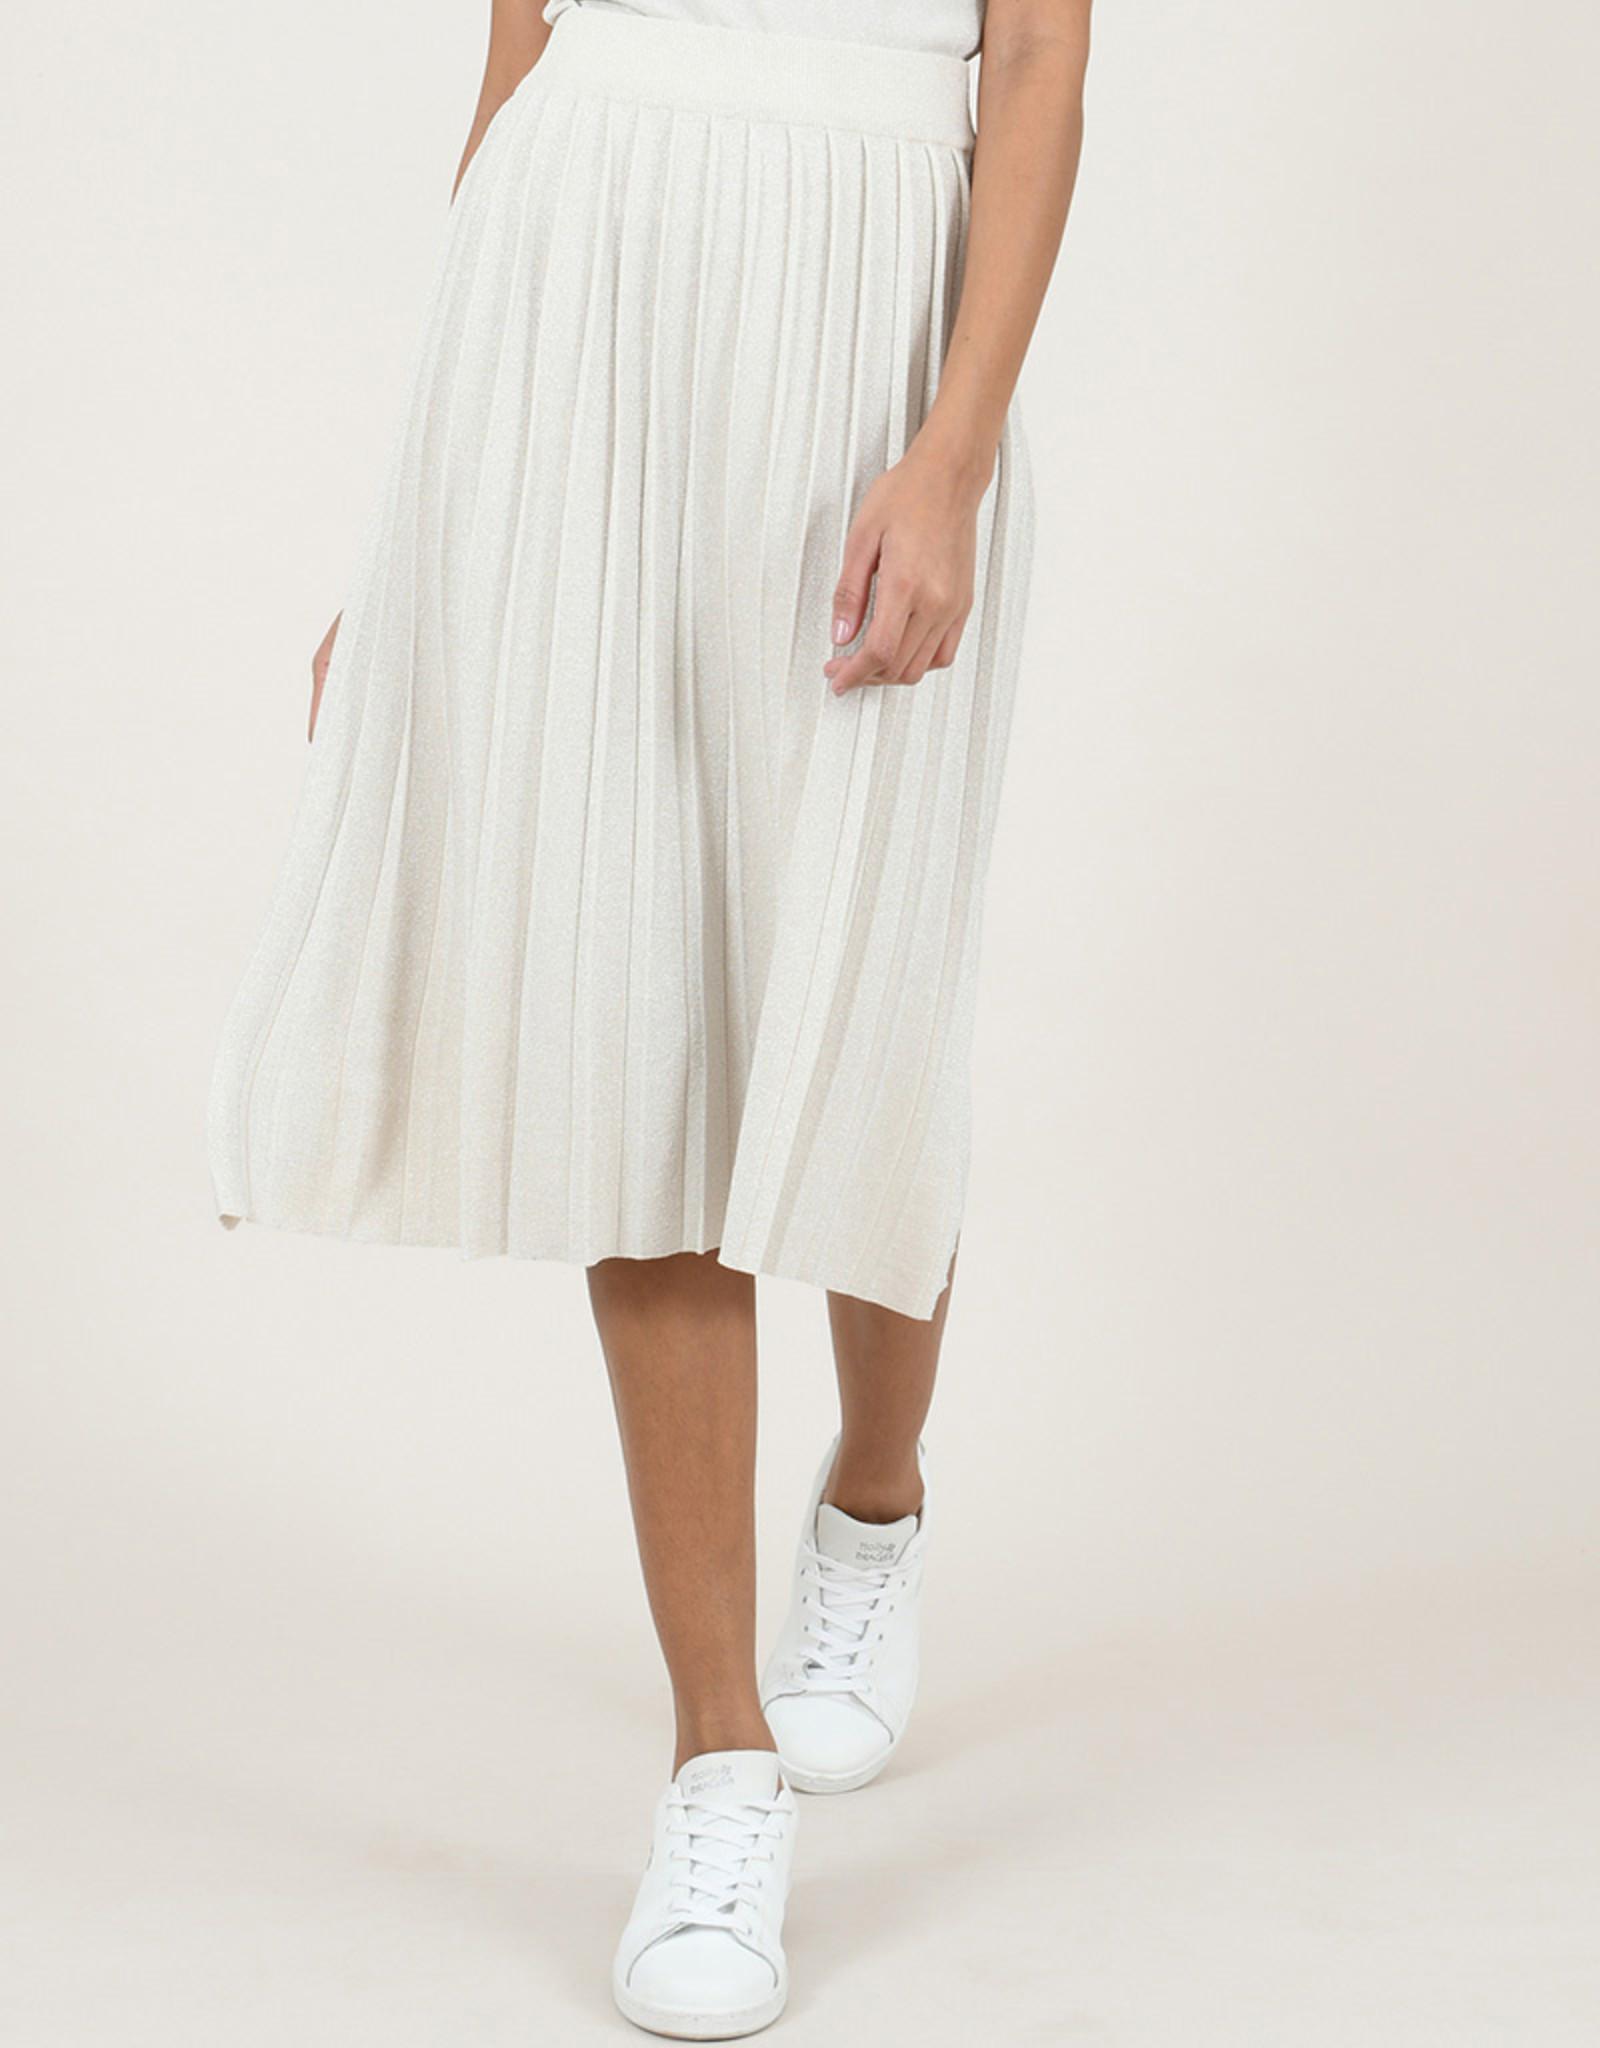 Molly Bracken Metallic Knit Pleated Skirt